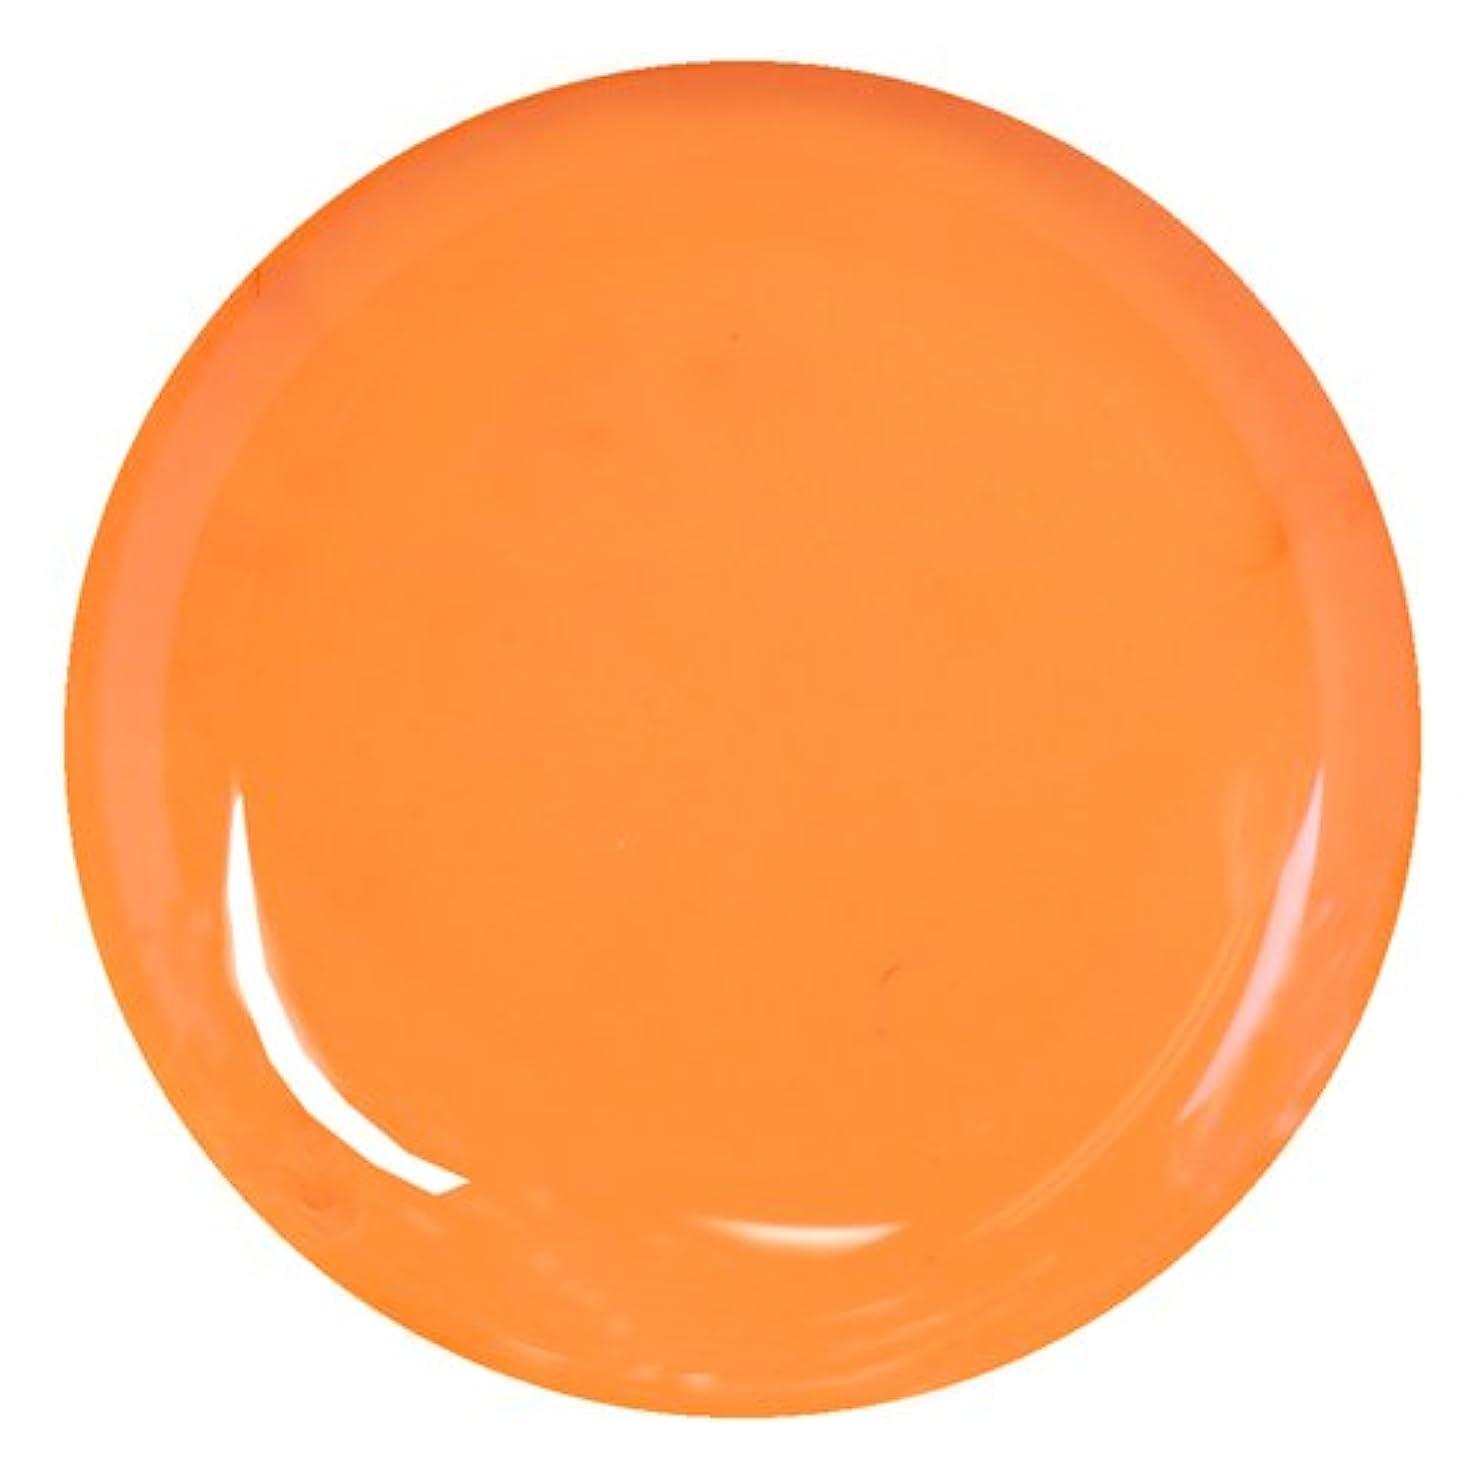 方法系譜破滅MY GEL(マイジェル) ソフトジェル サマーオレンジ 4g 【マット】 発色が良くリフトしにくい!